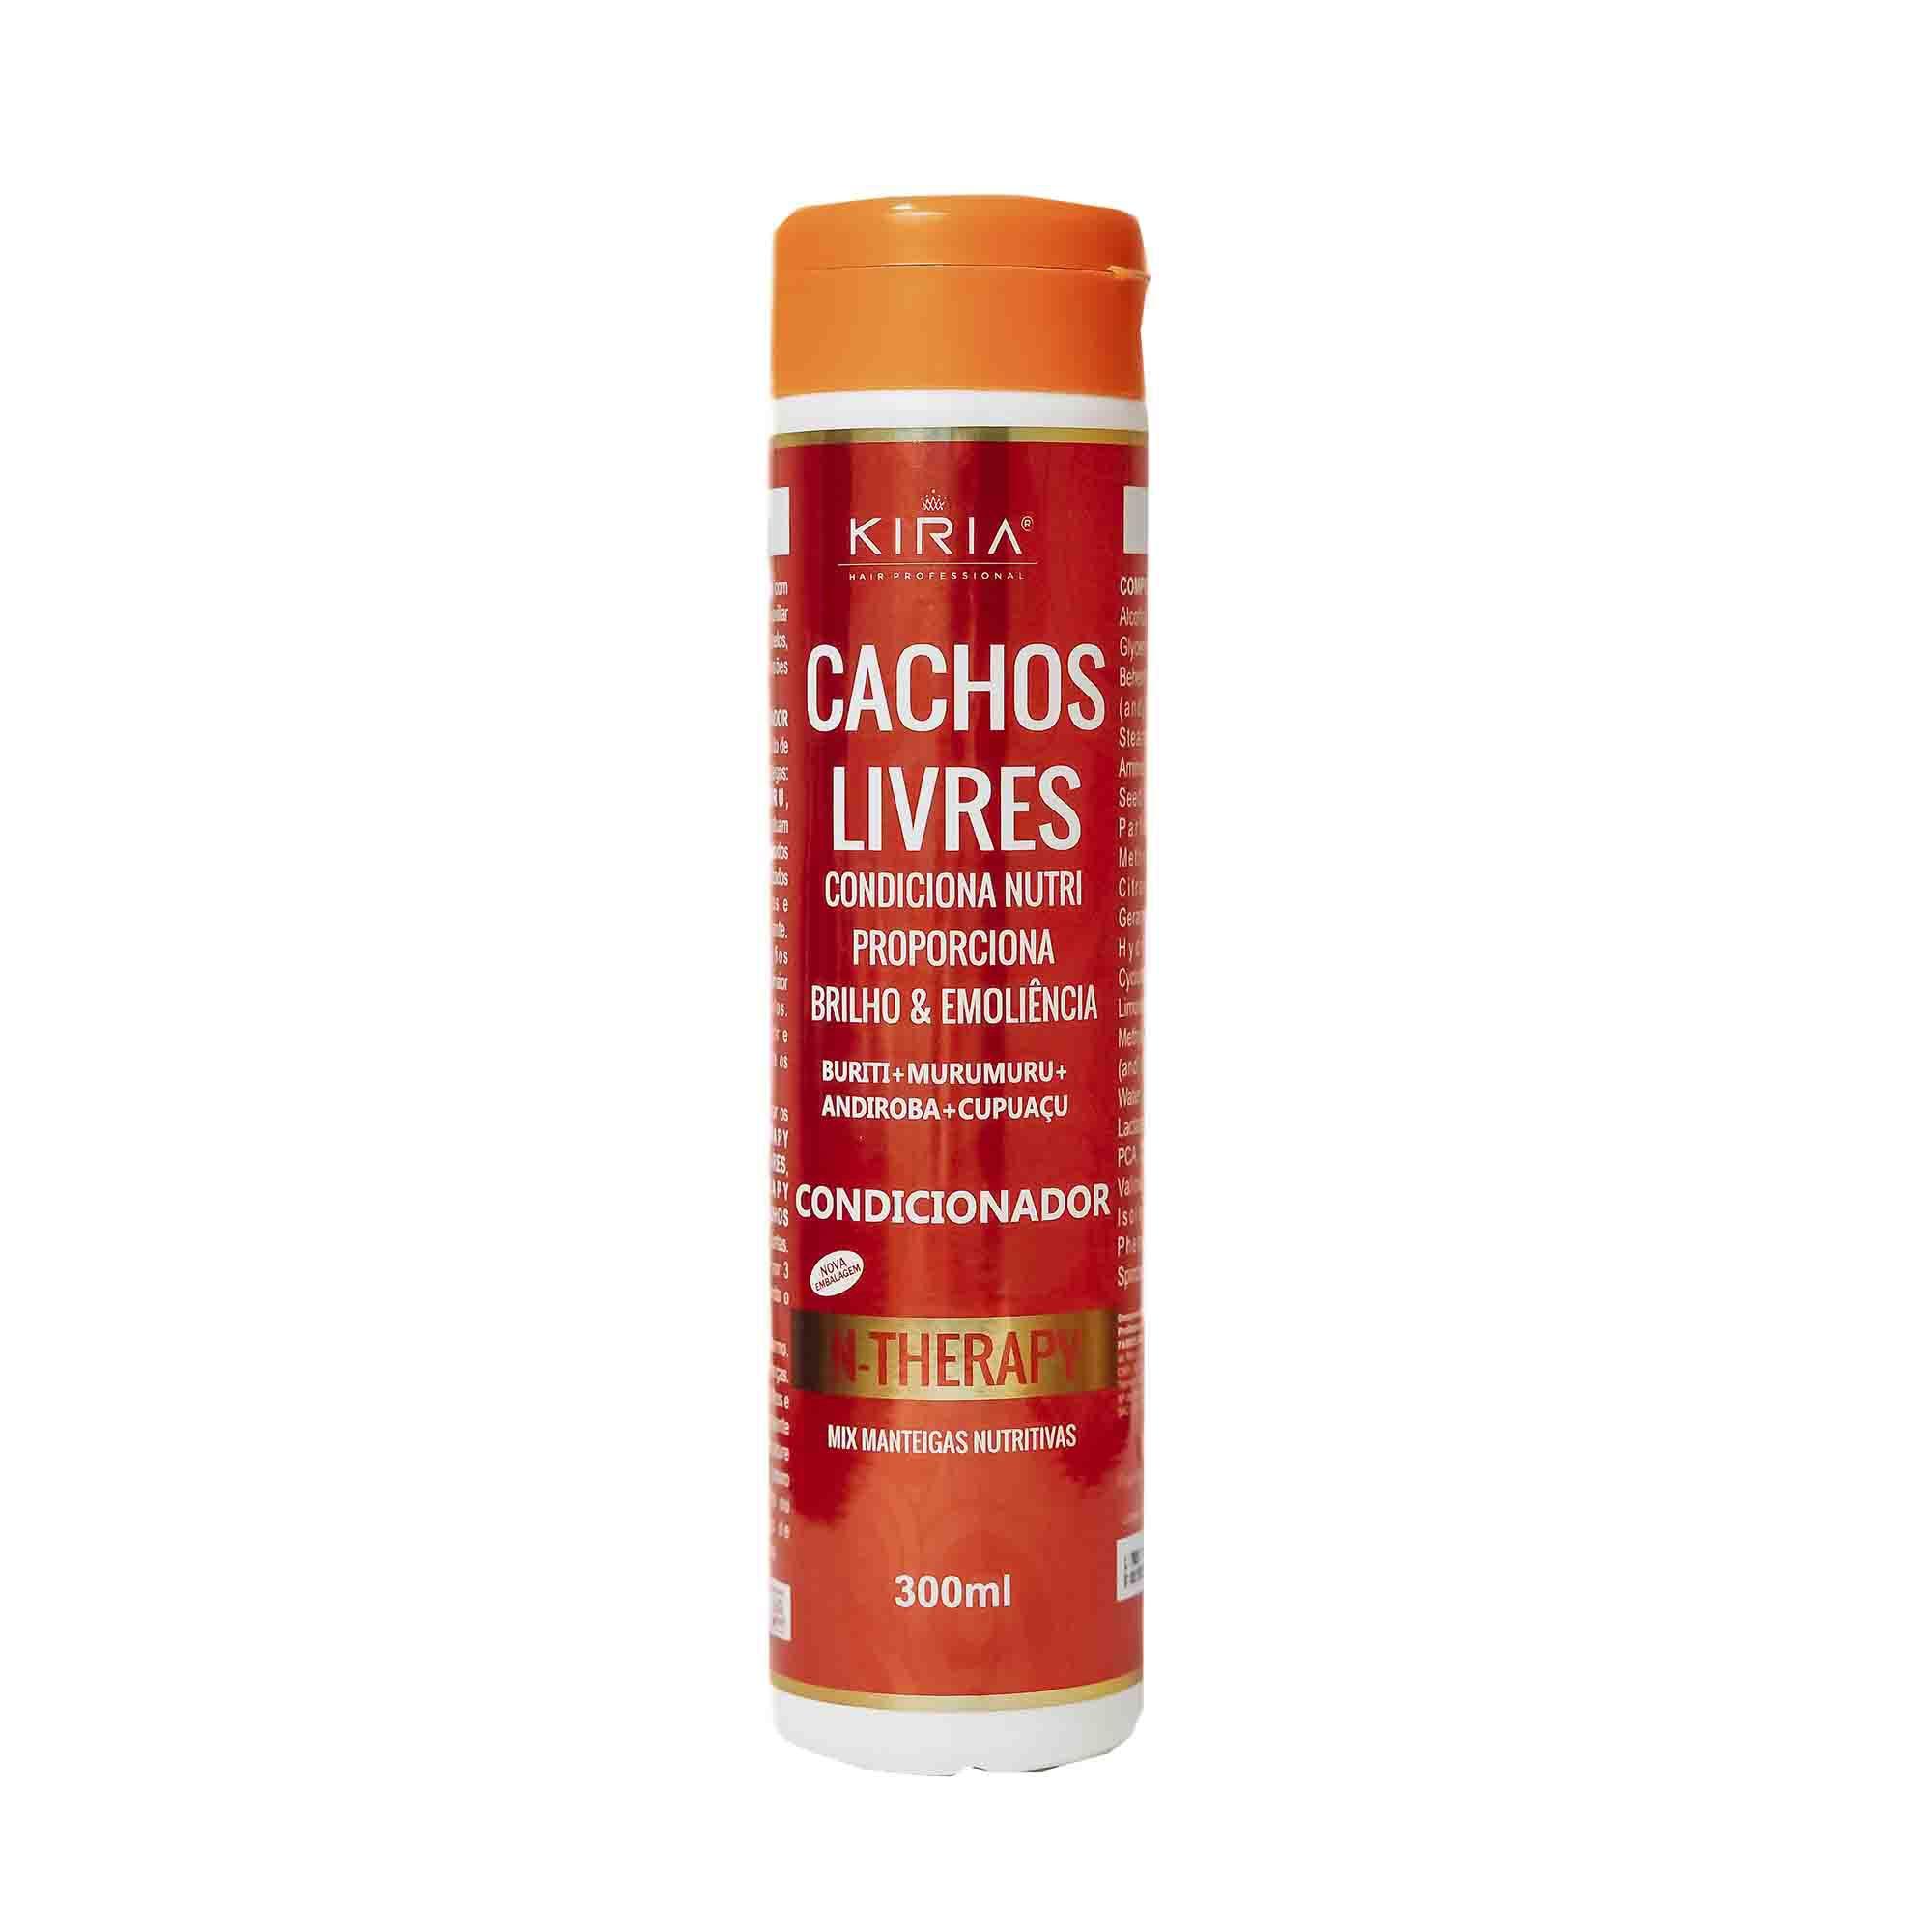 CONDICIONADOR CACHOS LIVRES COM MIX DE MANTEIGAS NUTRITIVAS - 300ML